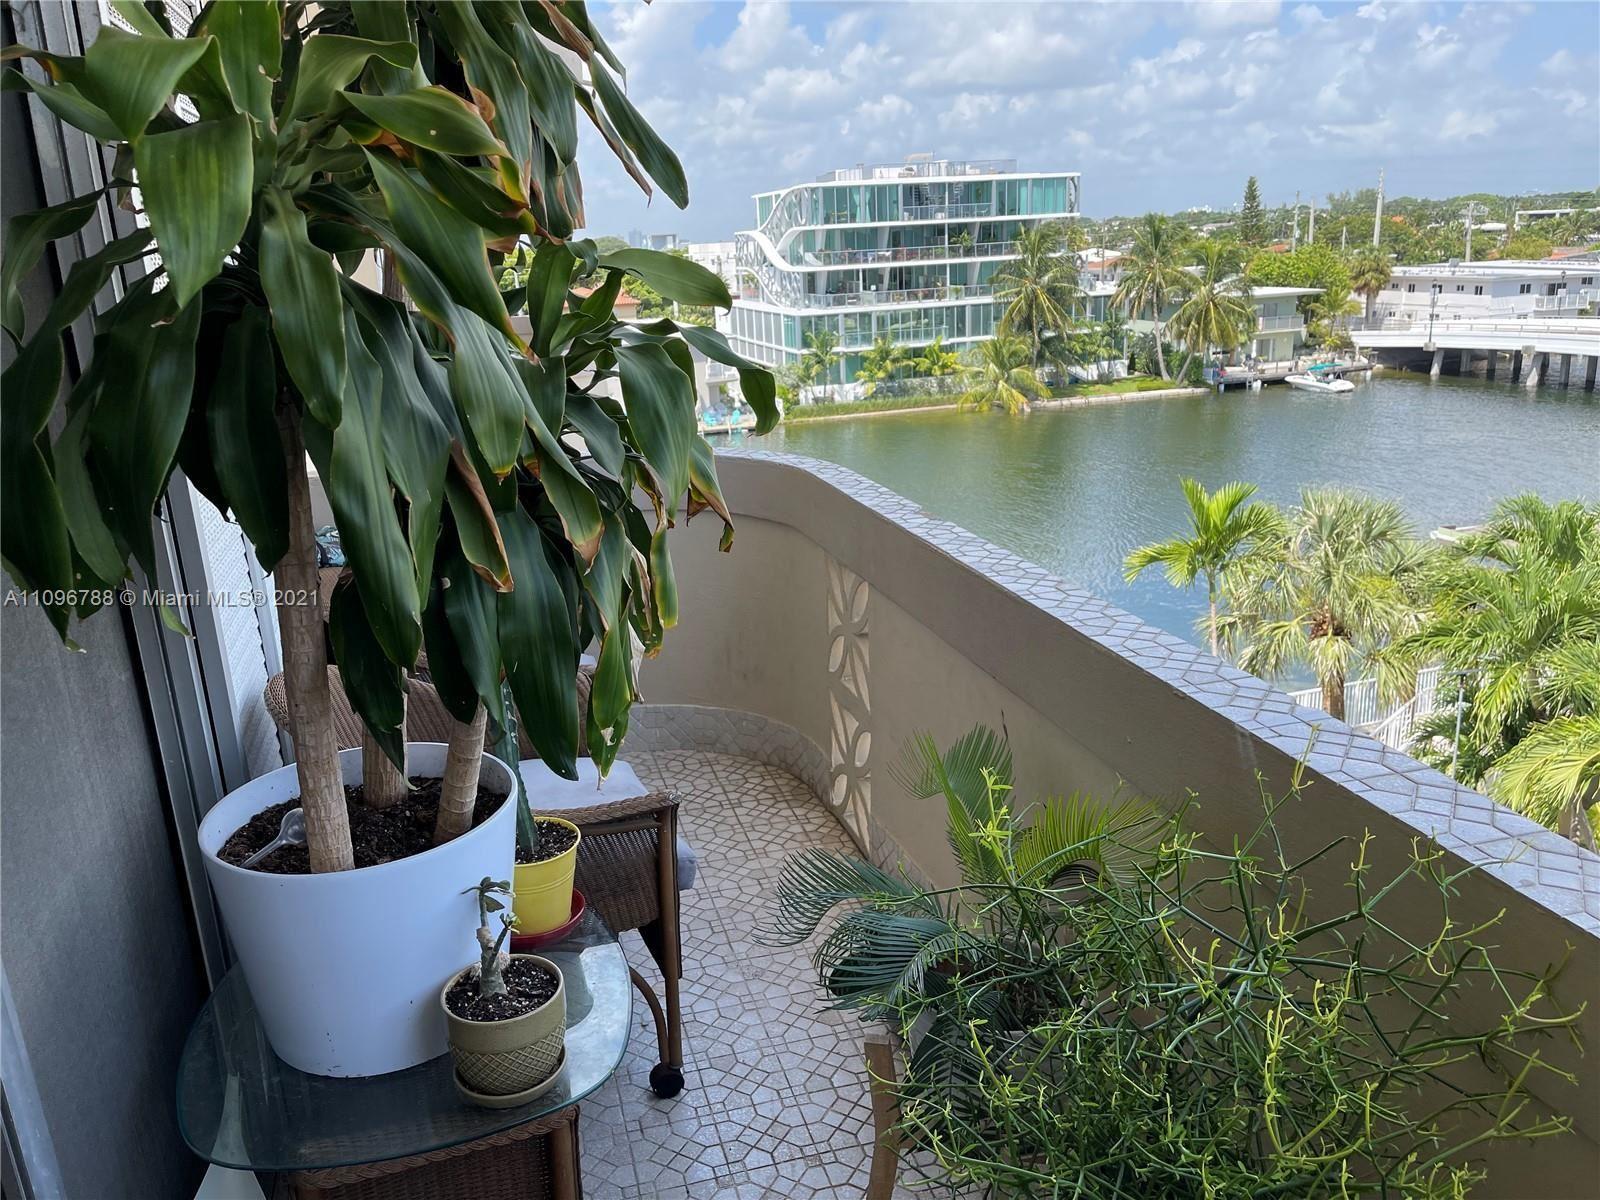 8400 Byron Ave #5E, Miami Beach, FL 33141 - #: A11096788